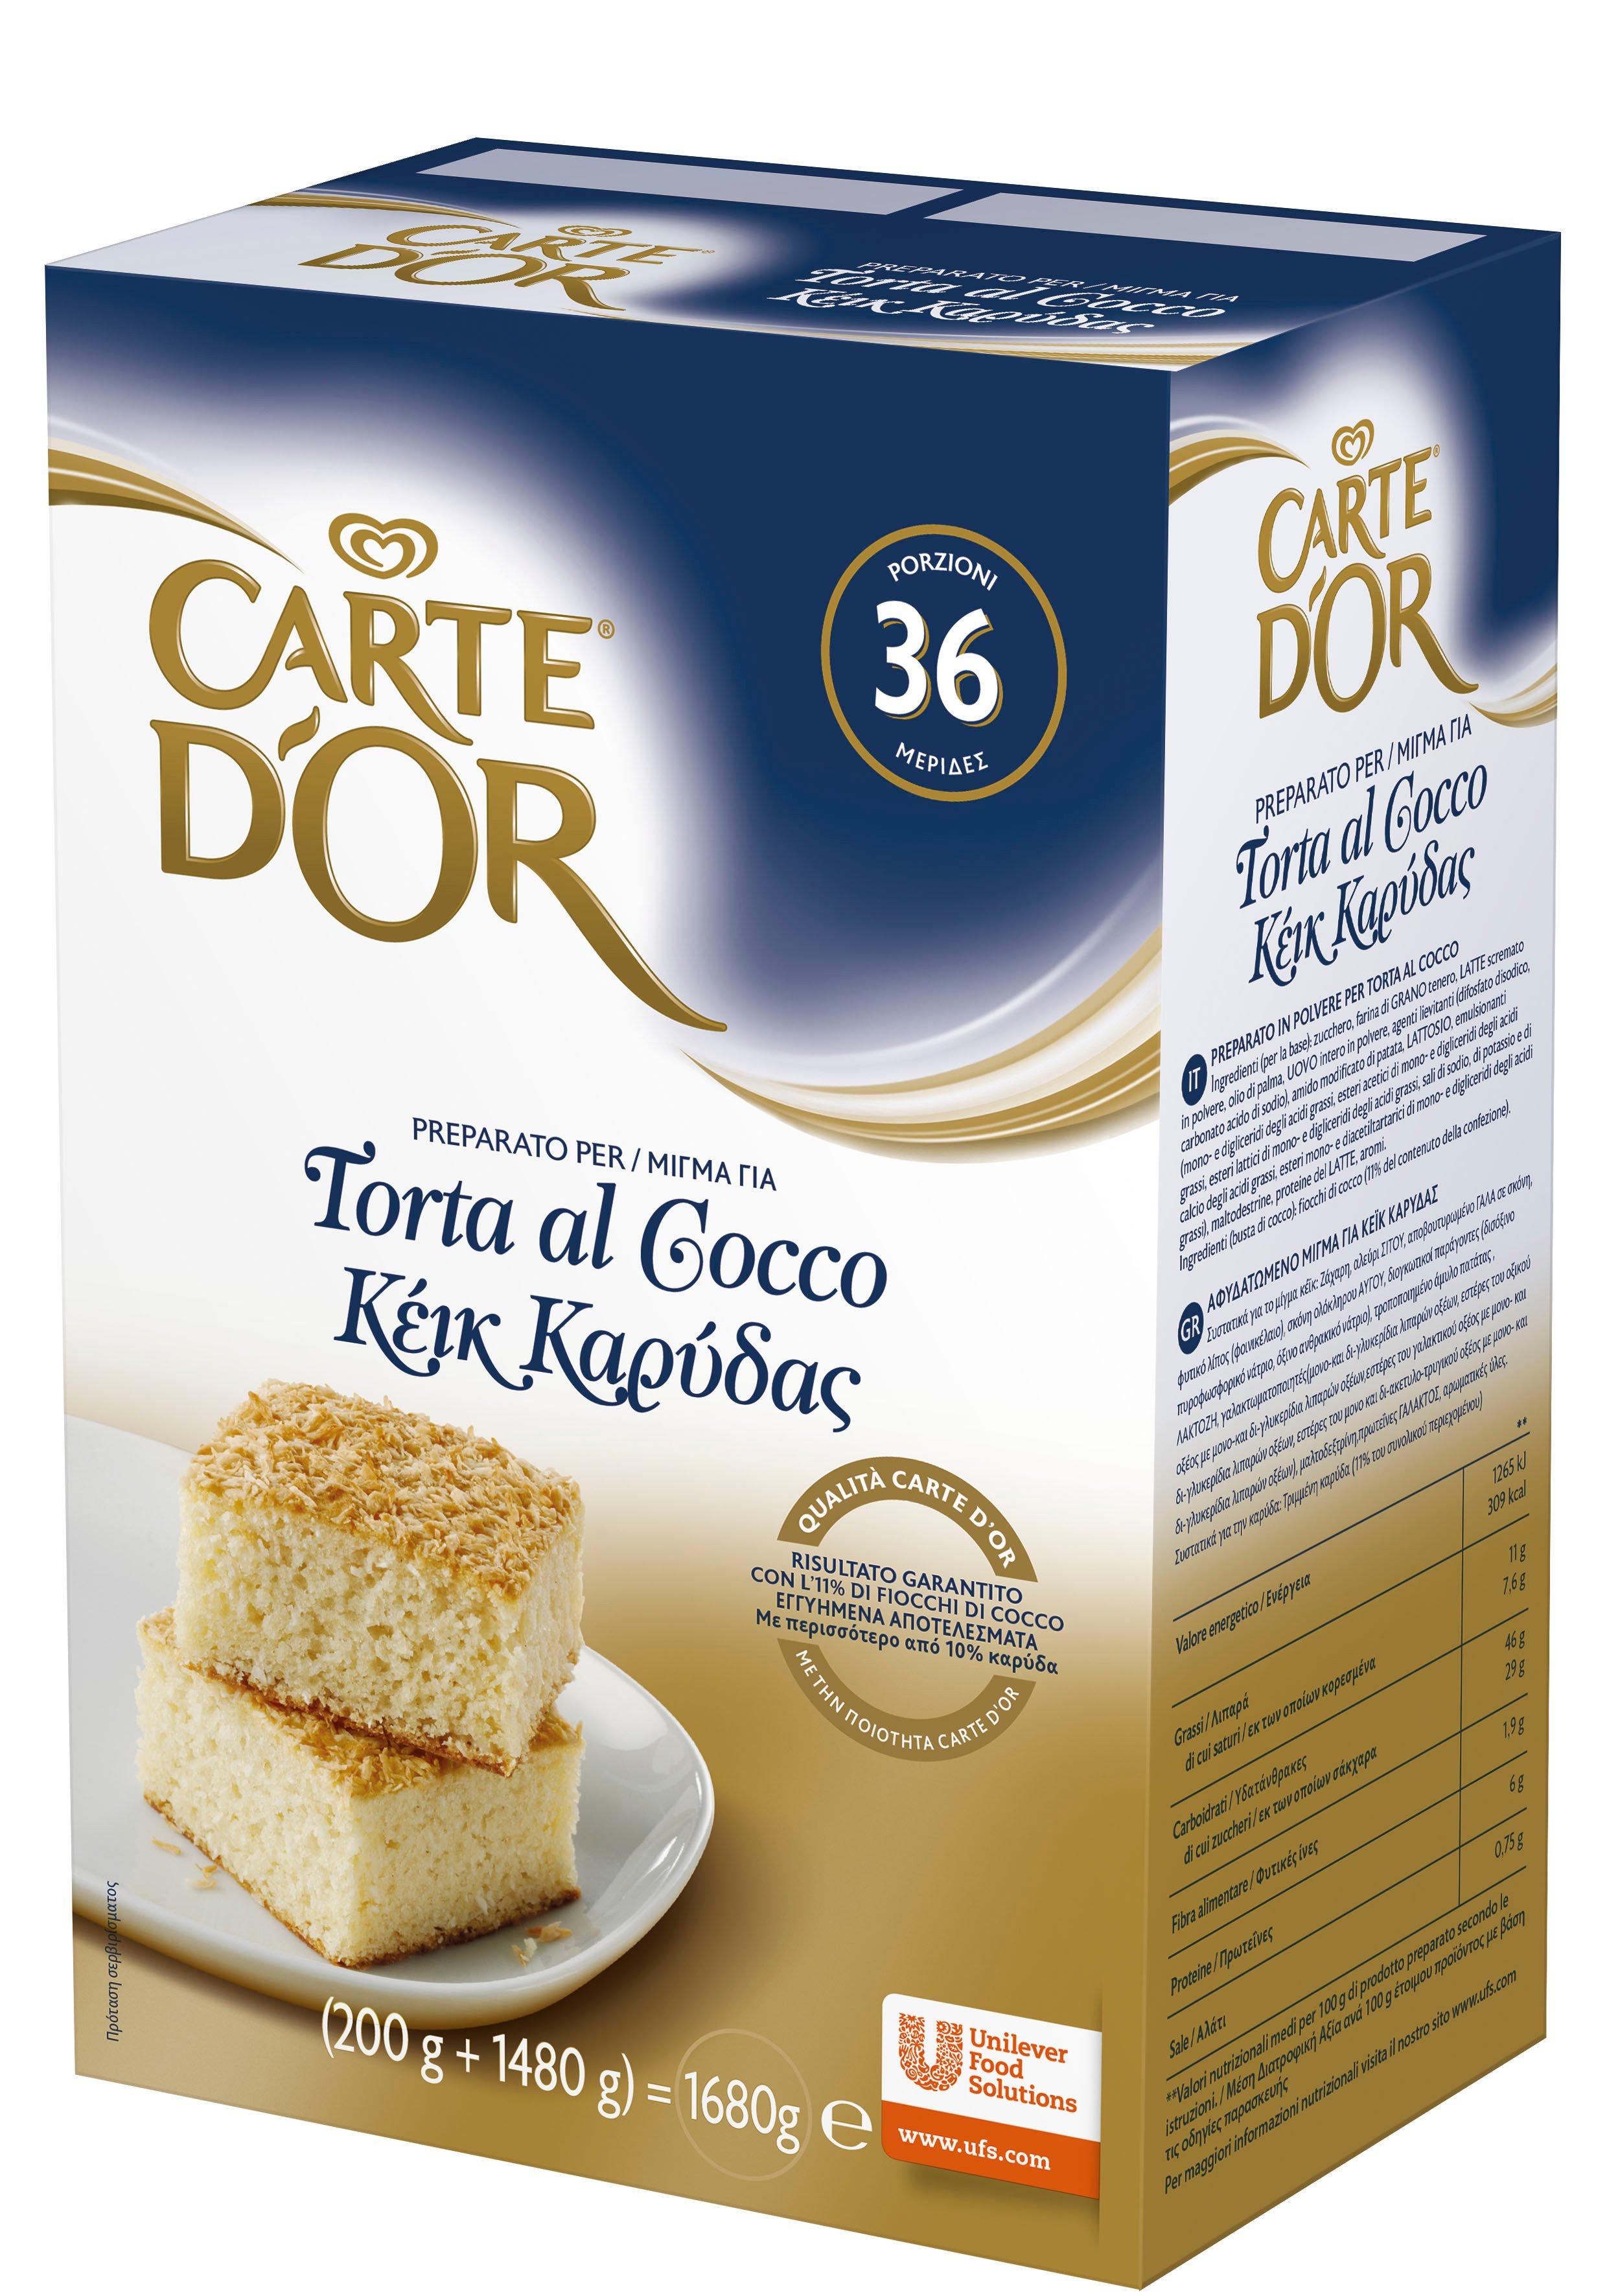 Carte d'Or preparato per Torta al Cocco 1,68 Kg -